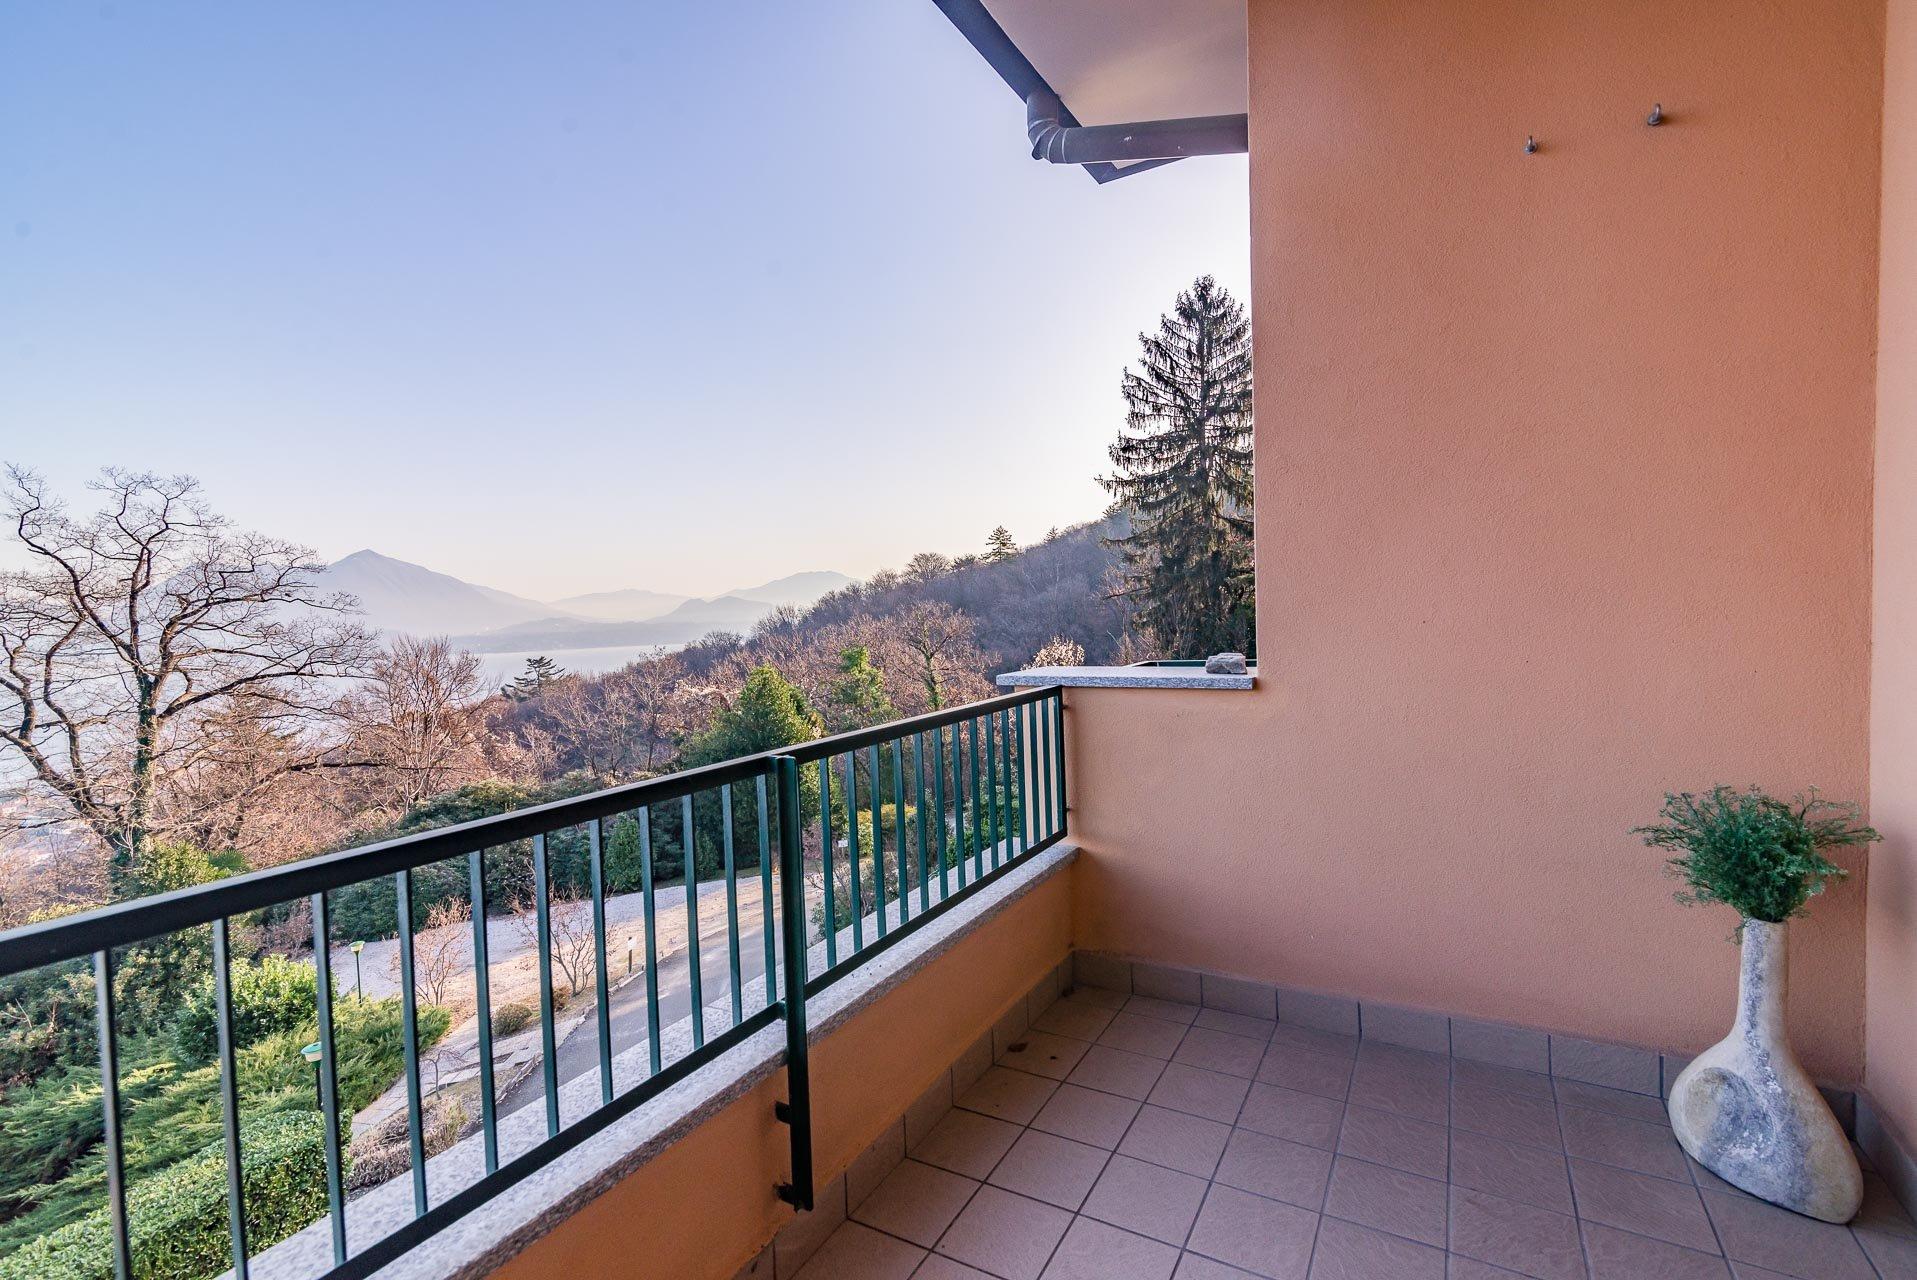 Wohnung zum Verkauf in Stresa innerhalb einer Residenz